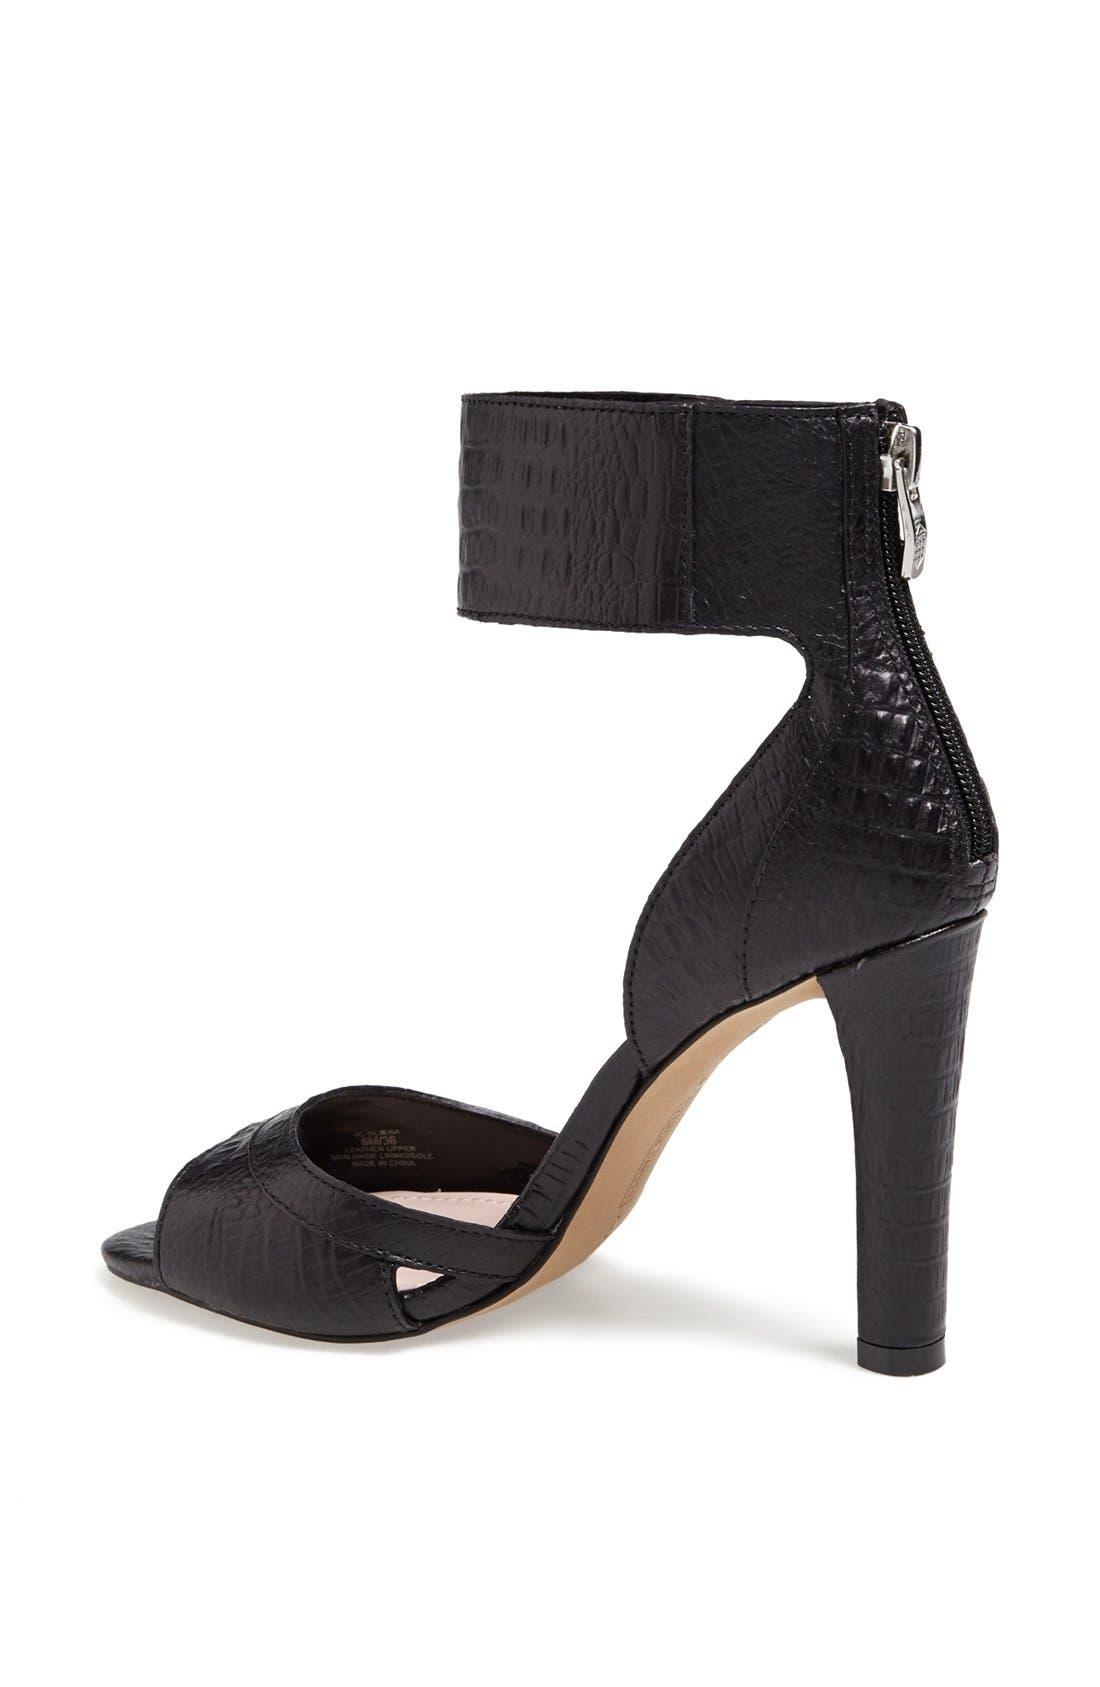 Alternate Image 2  - Vince Camuto 'Oljera' Leather Sandal